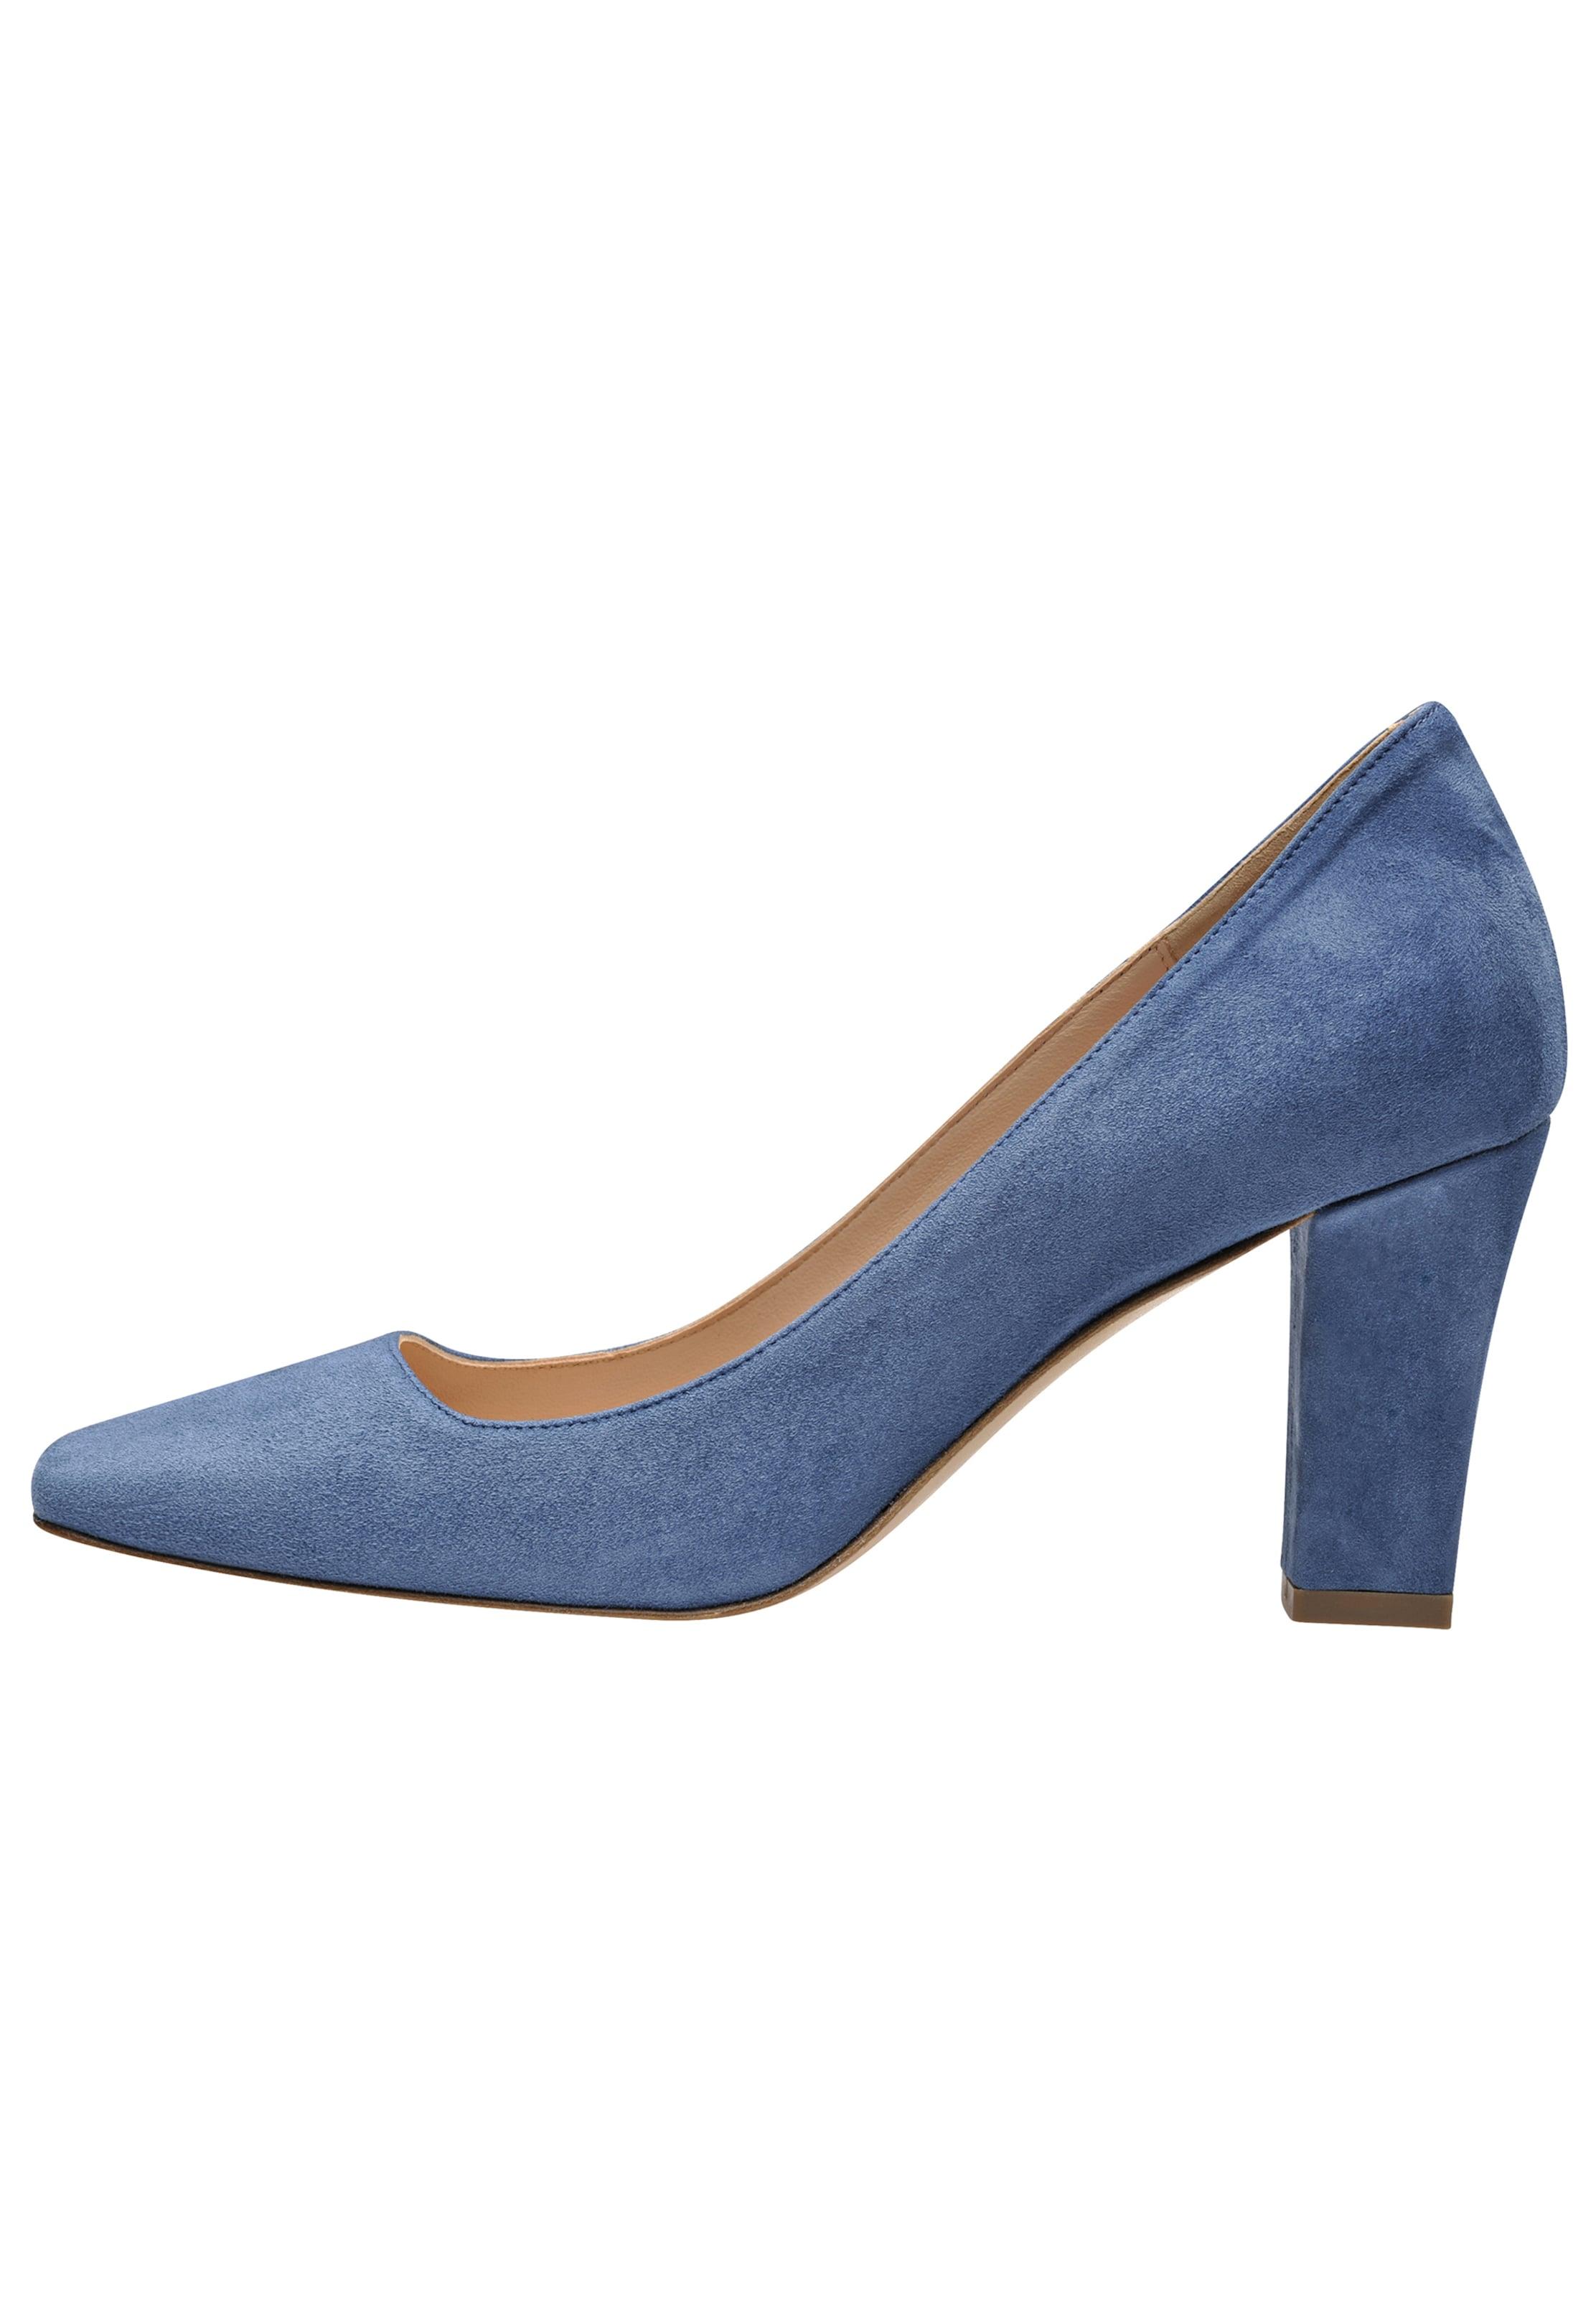 Pumps In Evita In Pumps Blau Blau Evita Pumps Evita In qSzUpVM